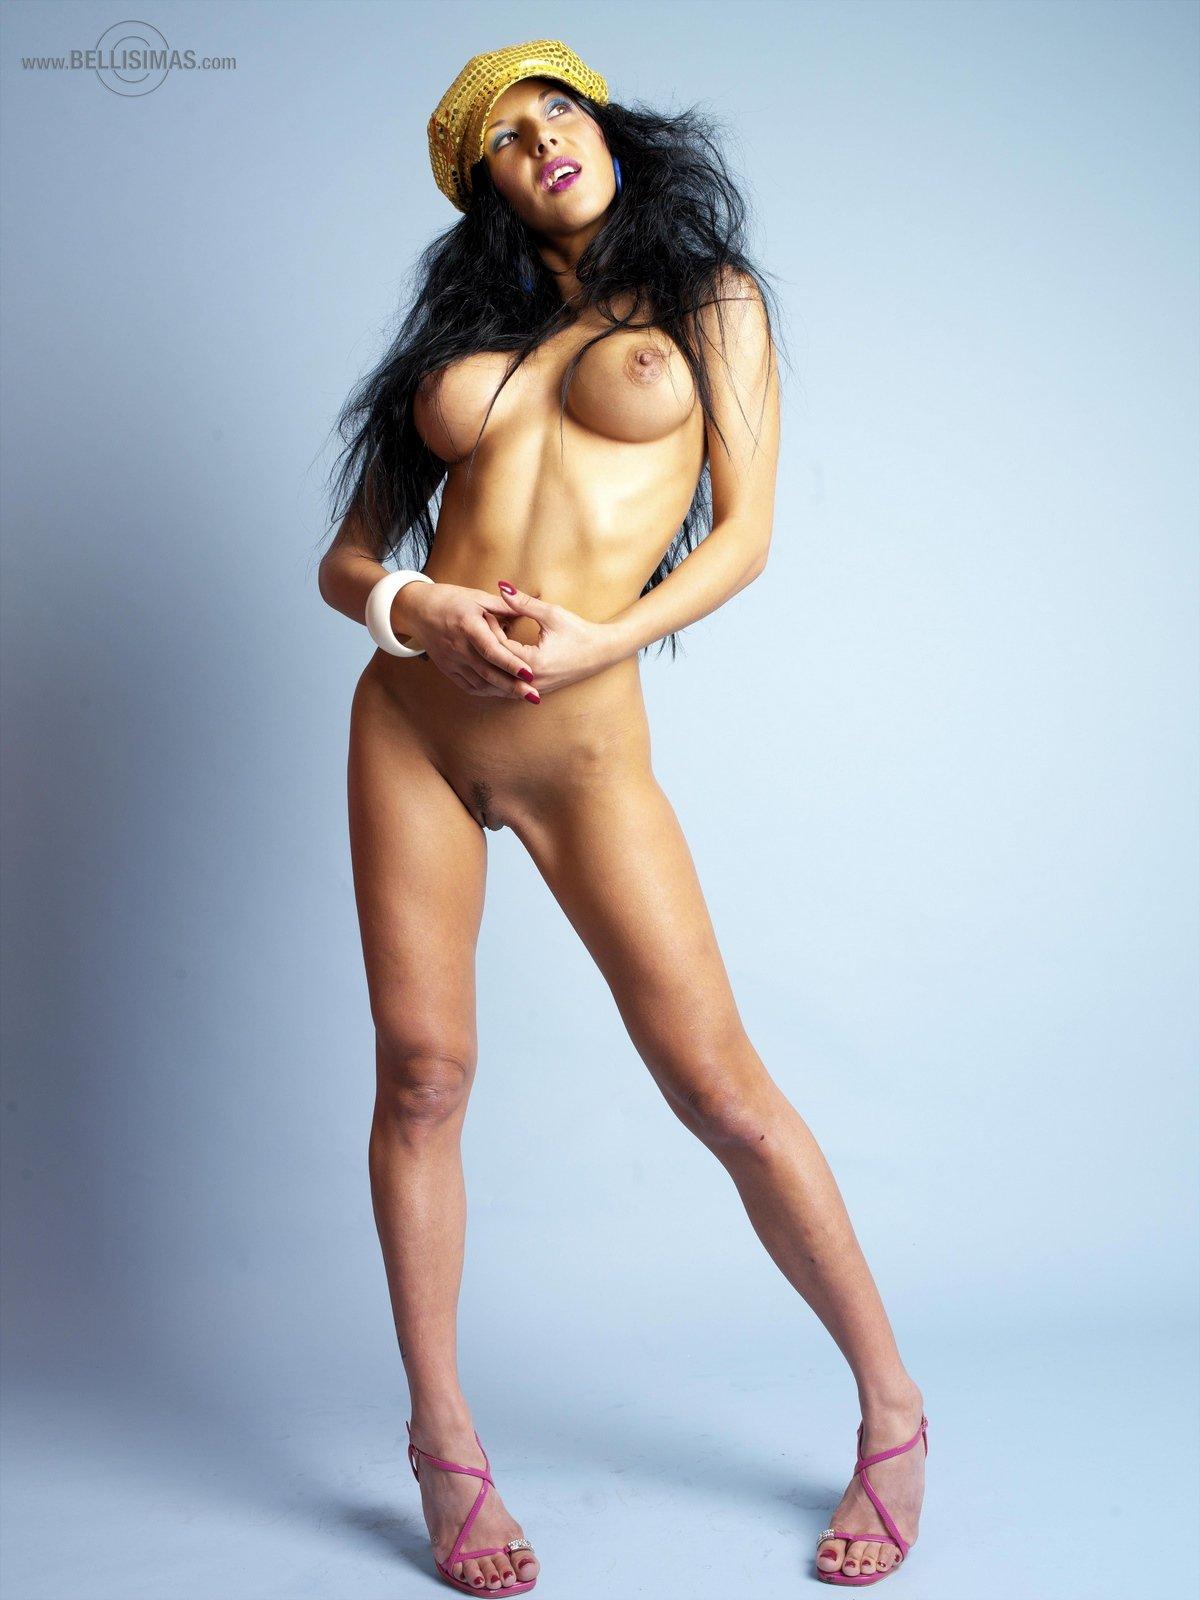 Сочная темненькая девушка Carmen в эротичном наряде